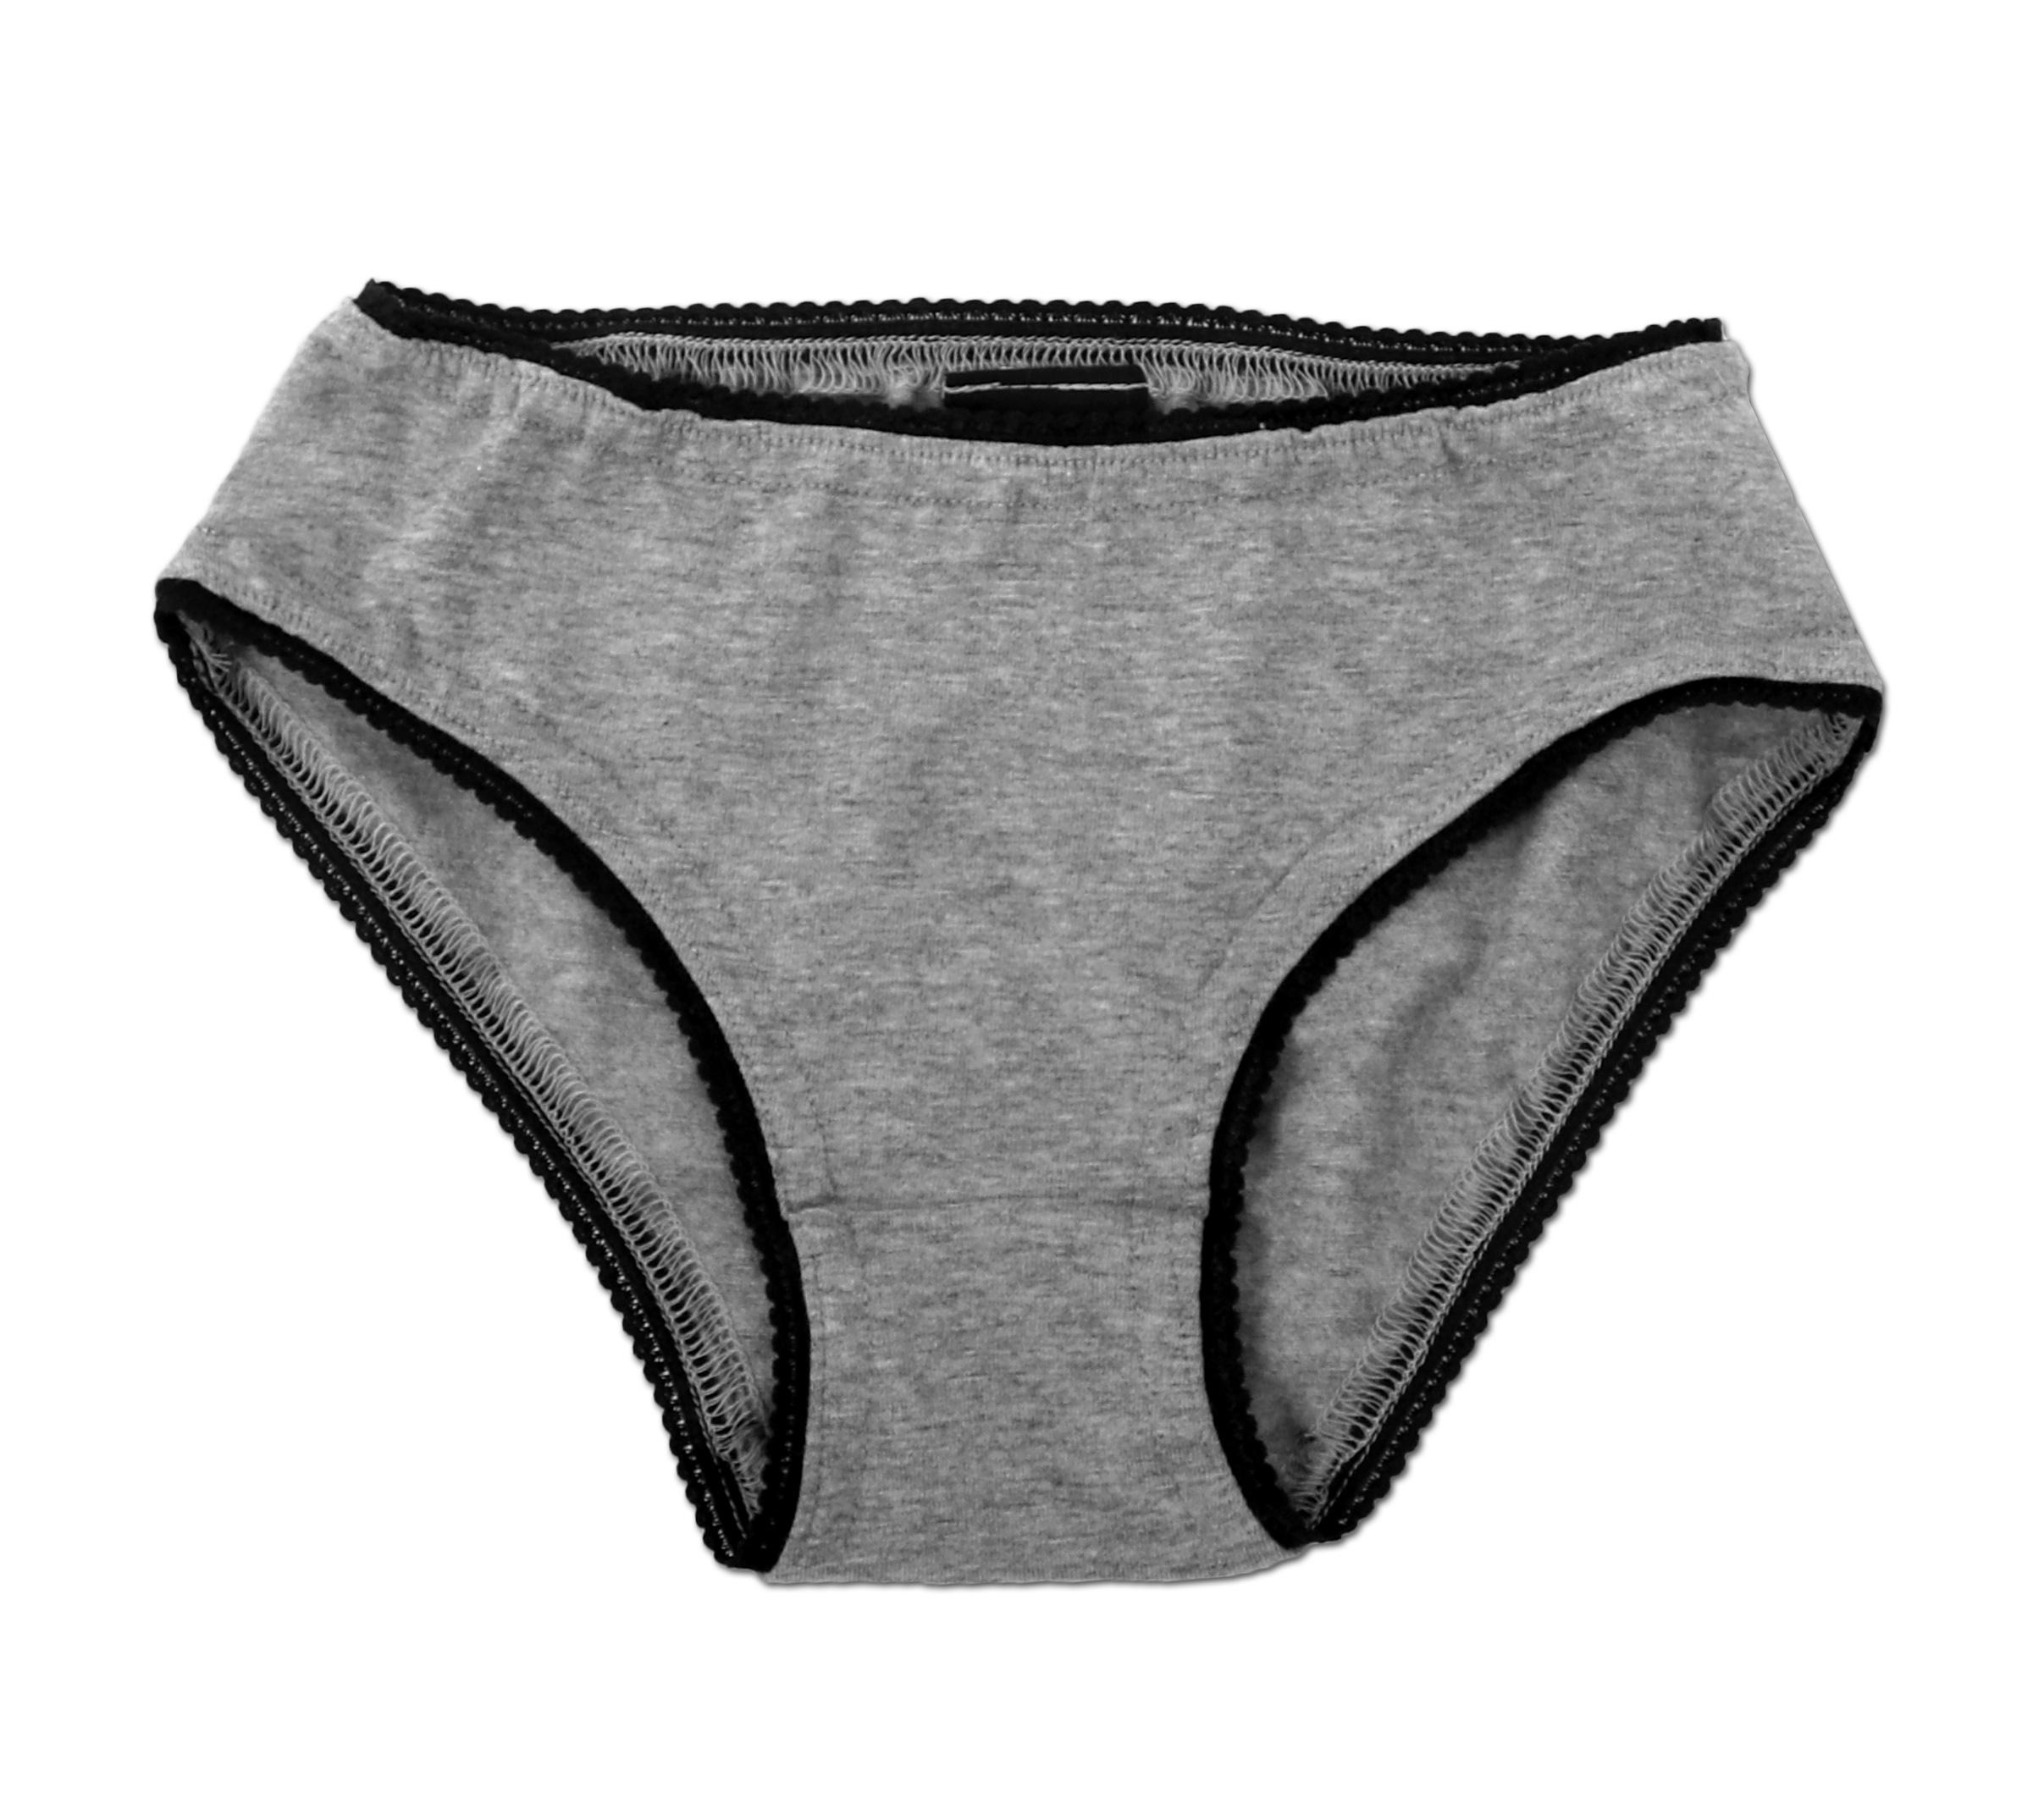 Dívčí bavlněné kalhotky, šedý melír, 98